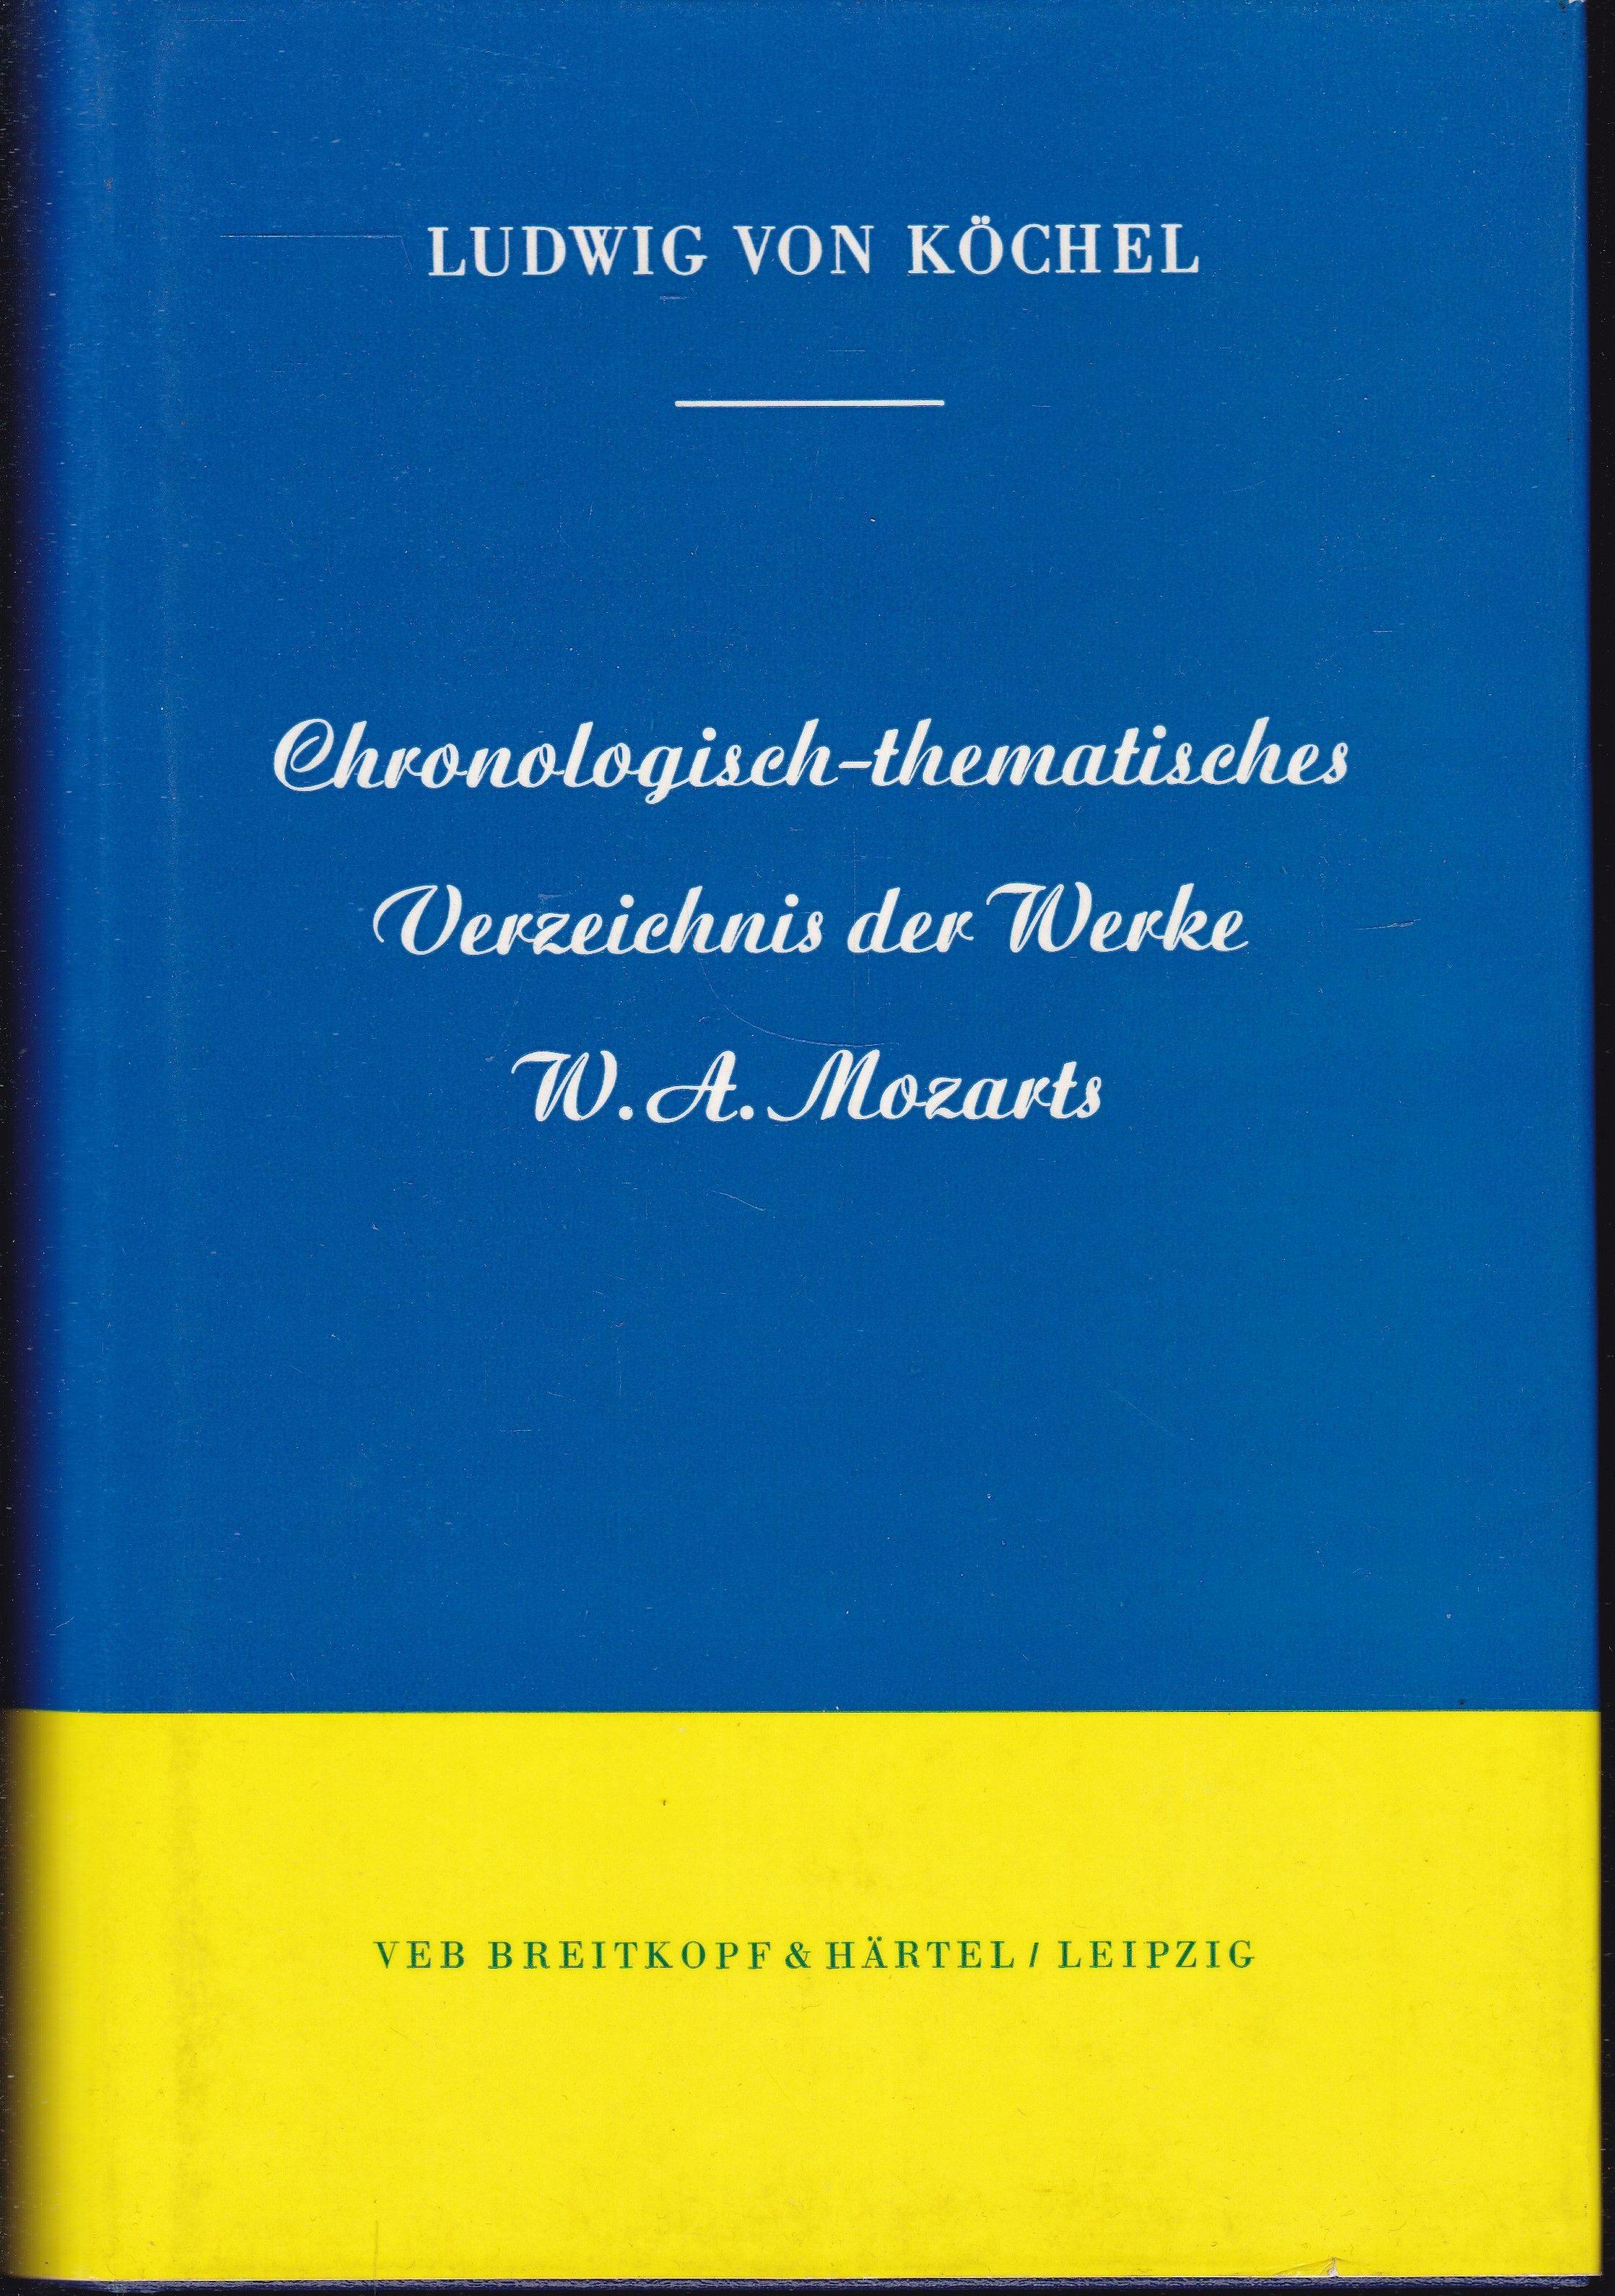 Chronologisch-thematisches Verzeichnis sämtlicher Tonwerke Wolfgang Amade Mozarts: Köchel, Ludwig Ritter